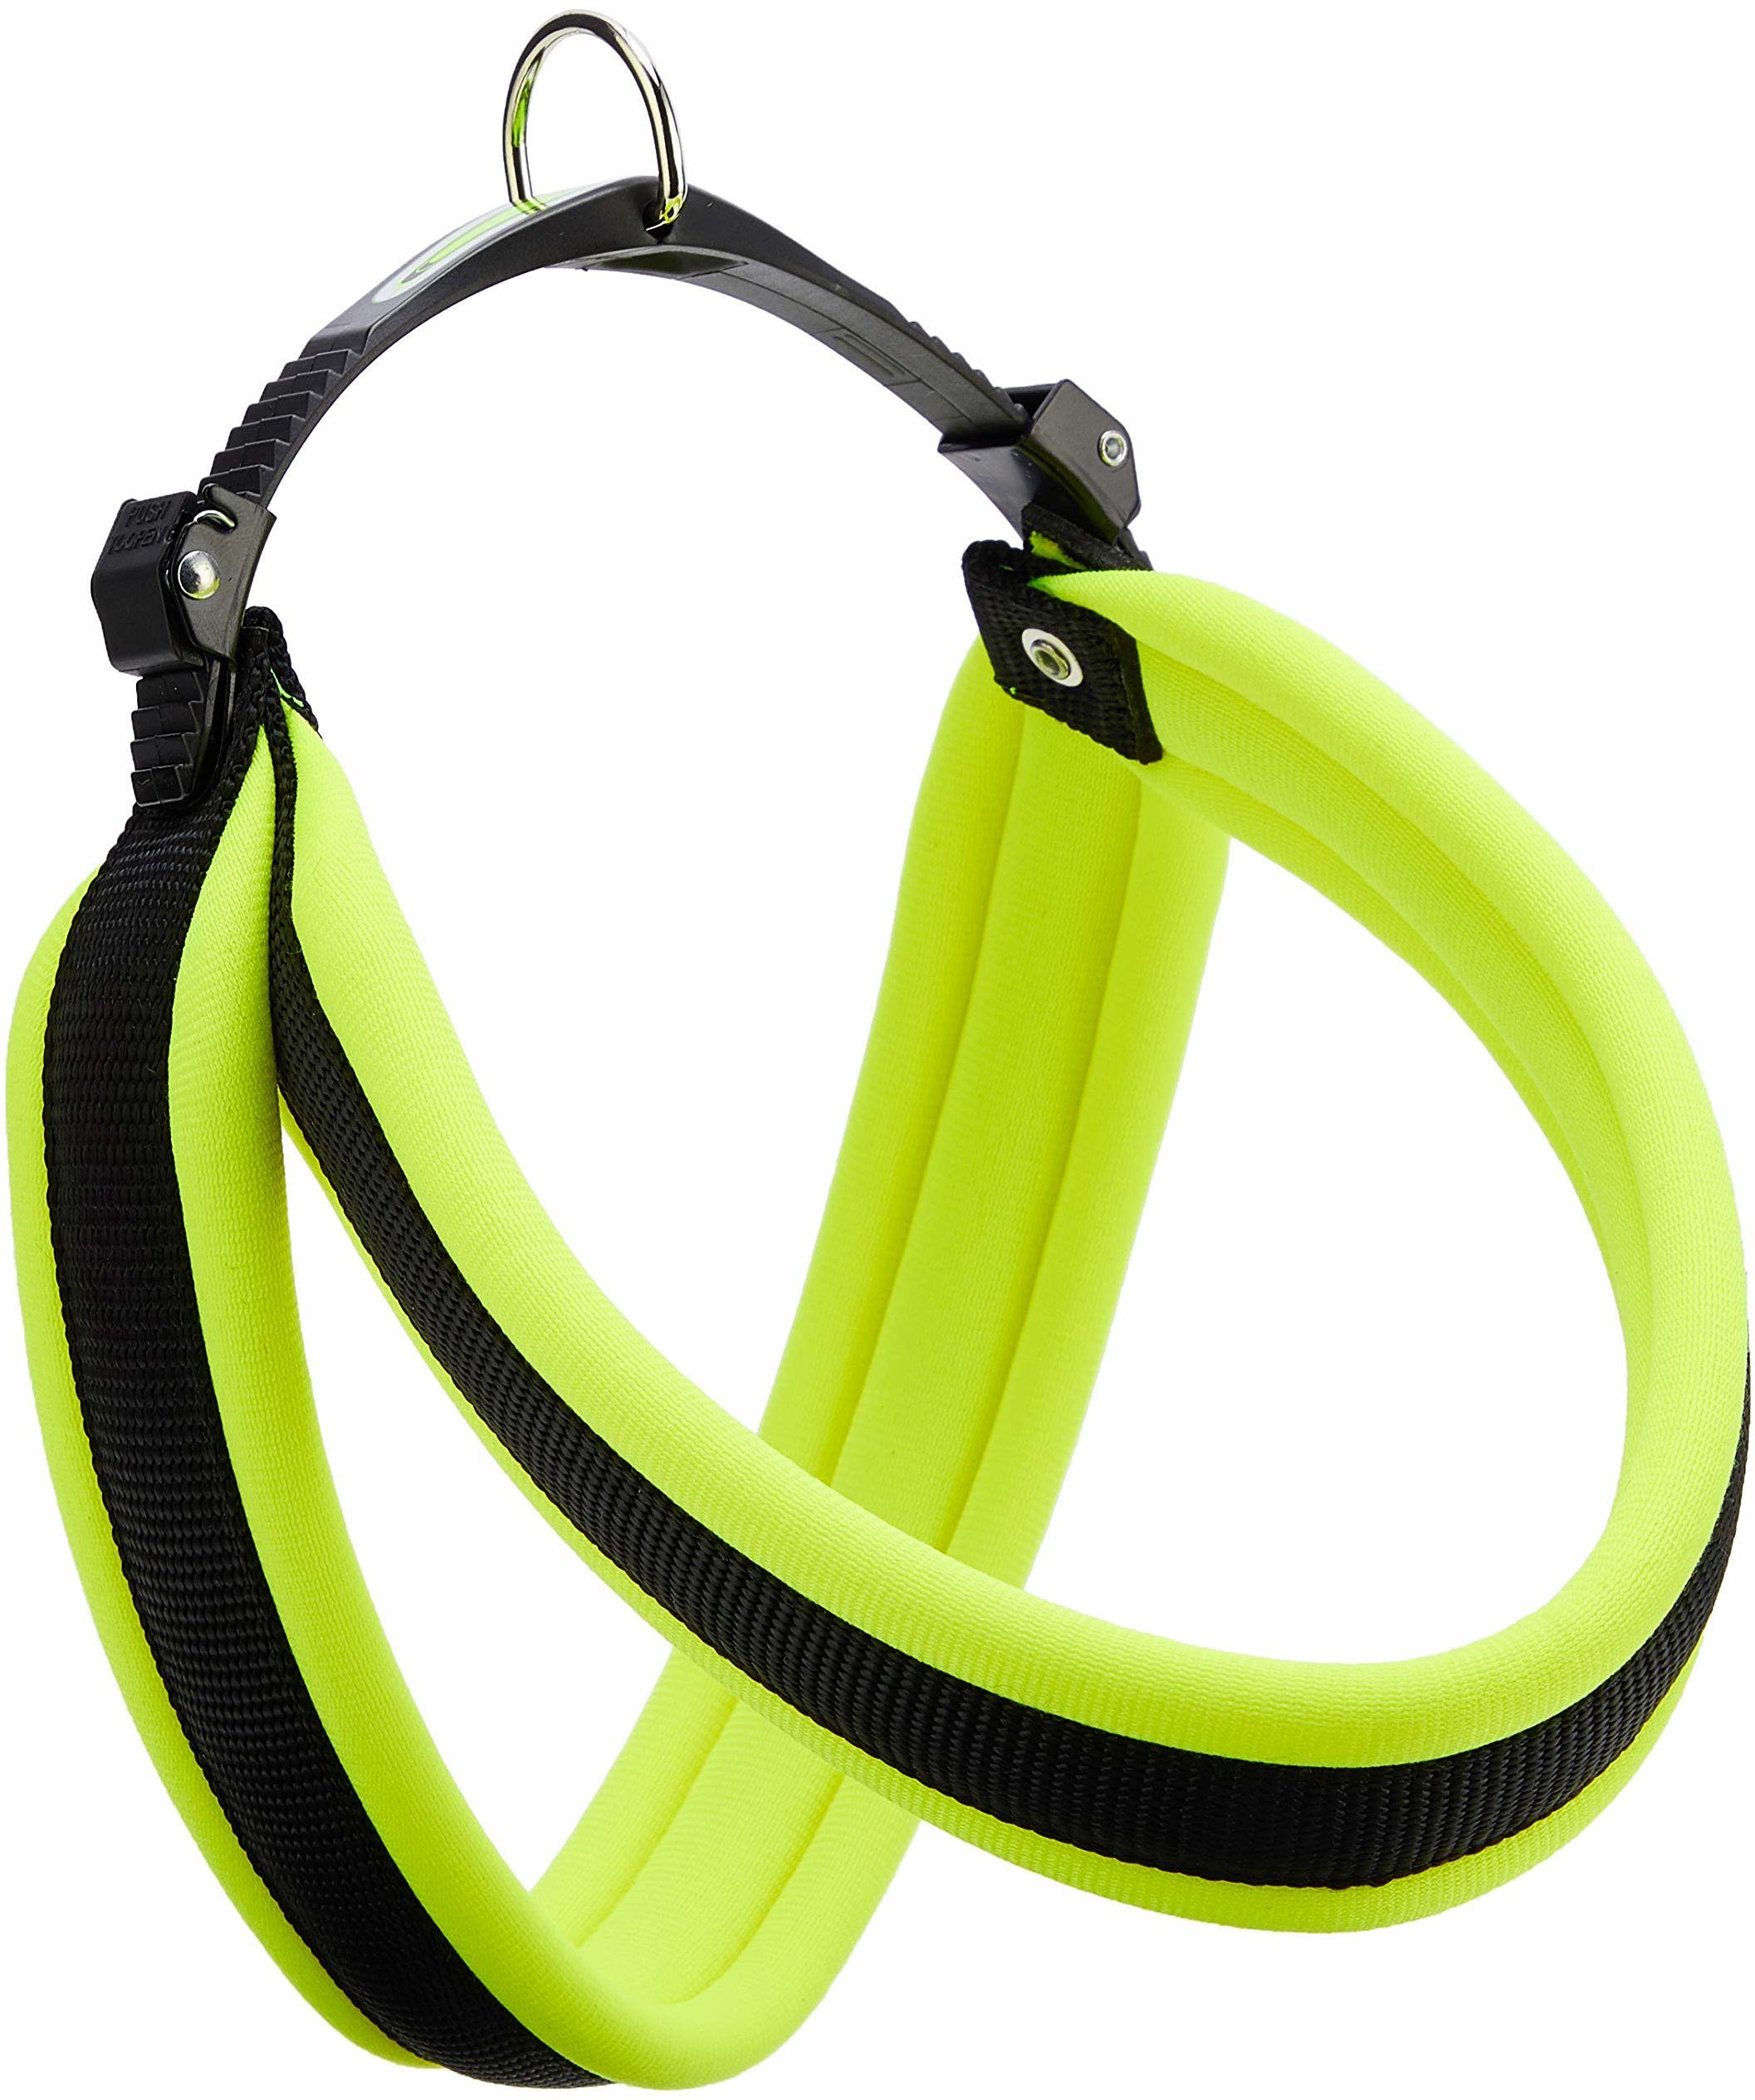 Ferplast 75449528 uprząż dla psa Agila Ergofluo 5, obwód szyi/obwód klatki piersiowej: 50-58 cm, szerokość: 2,0 cm, zielona